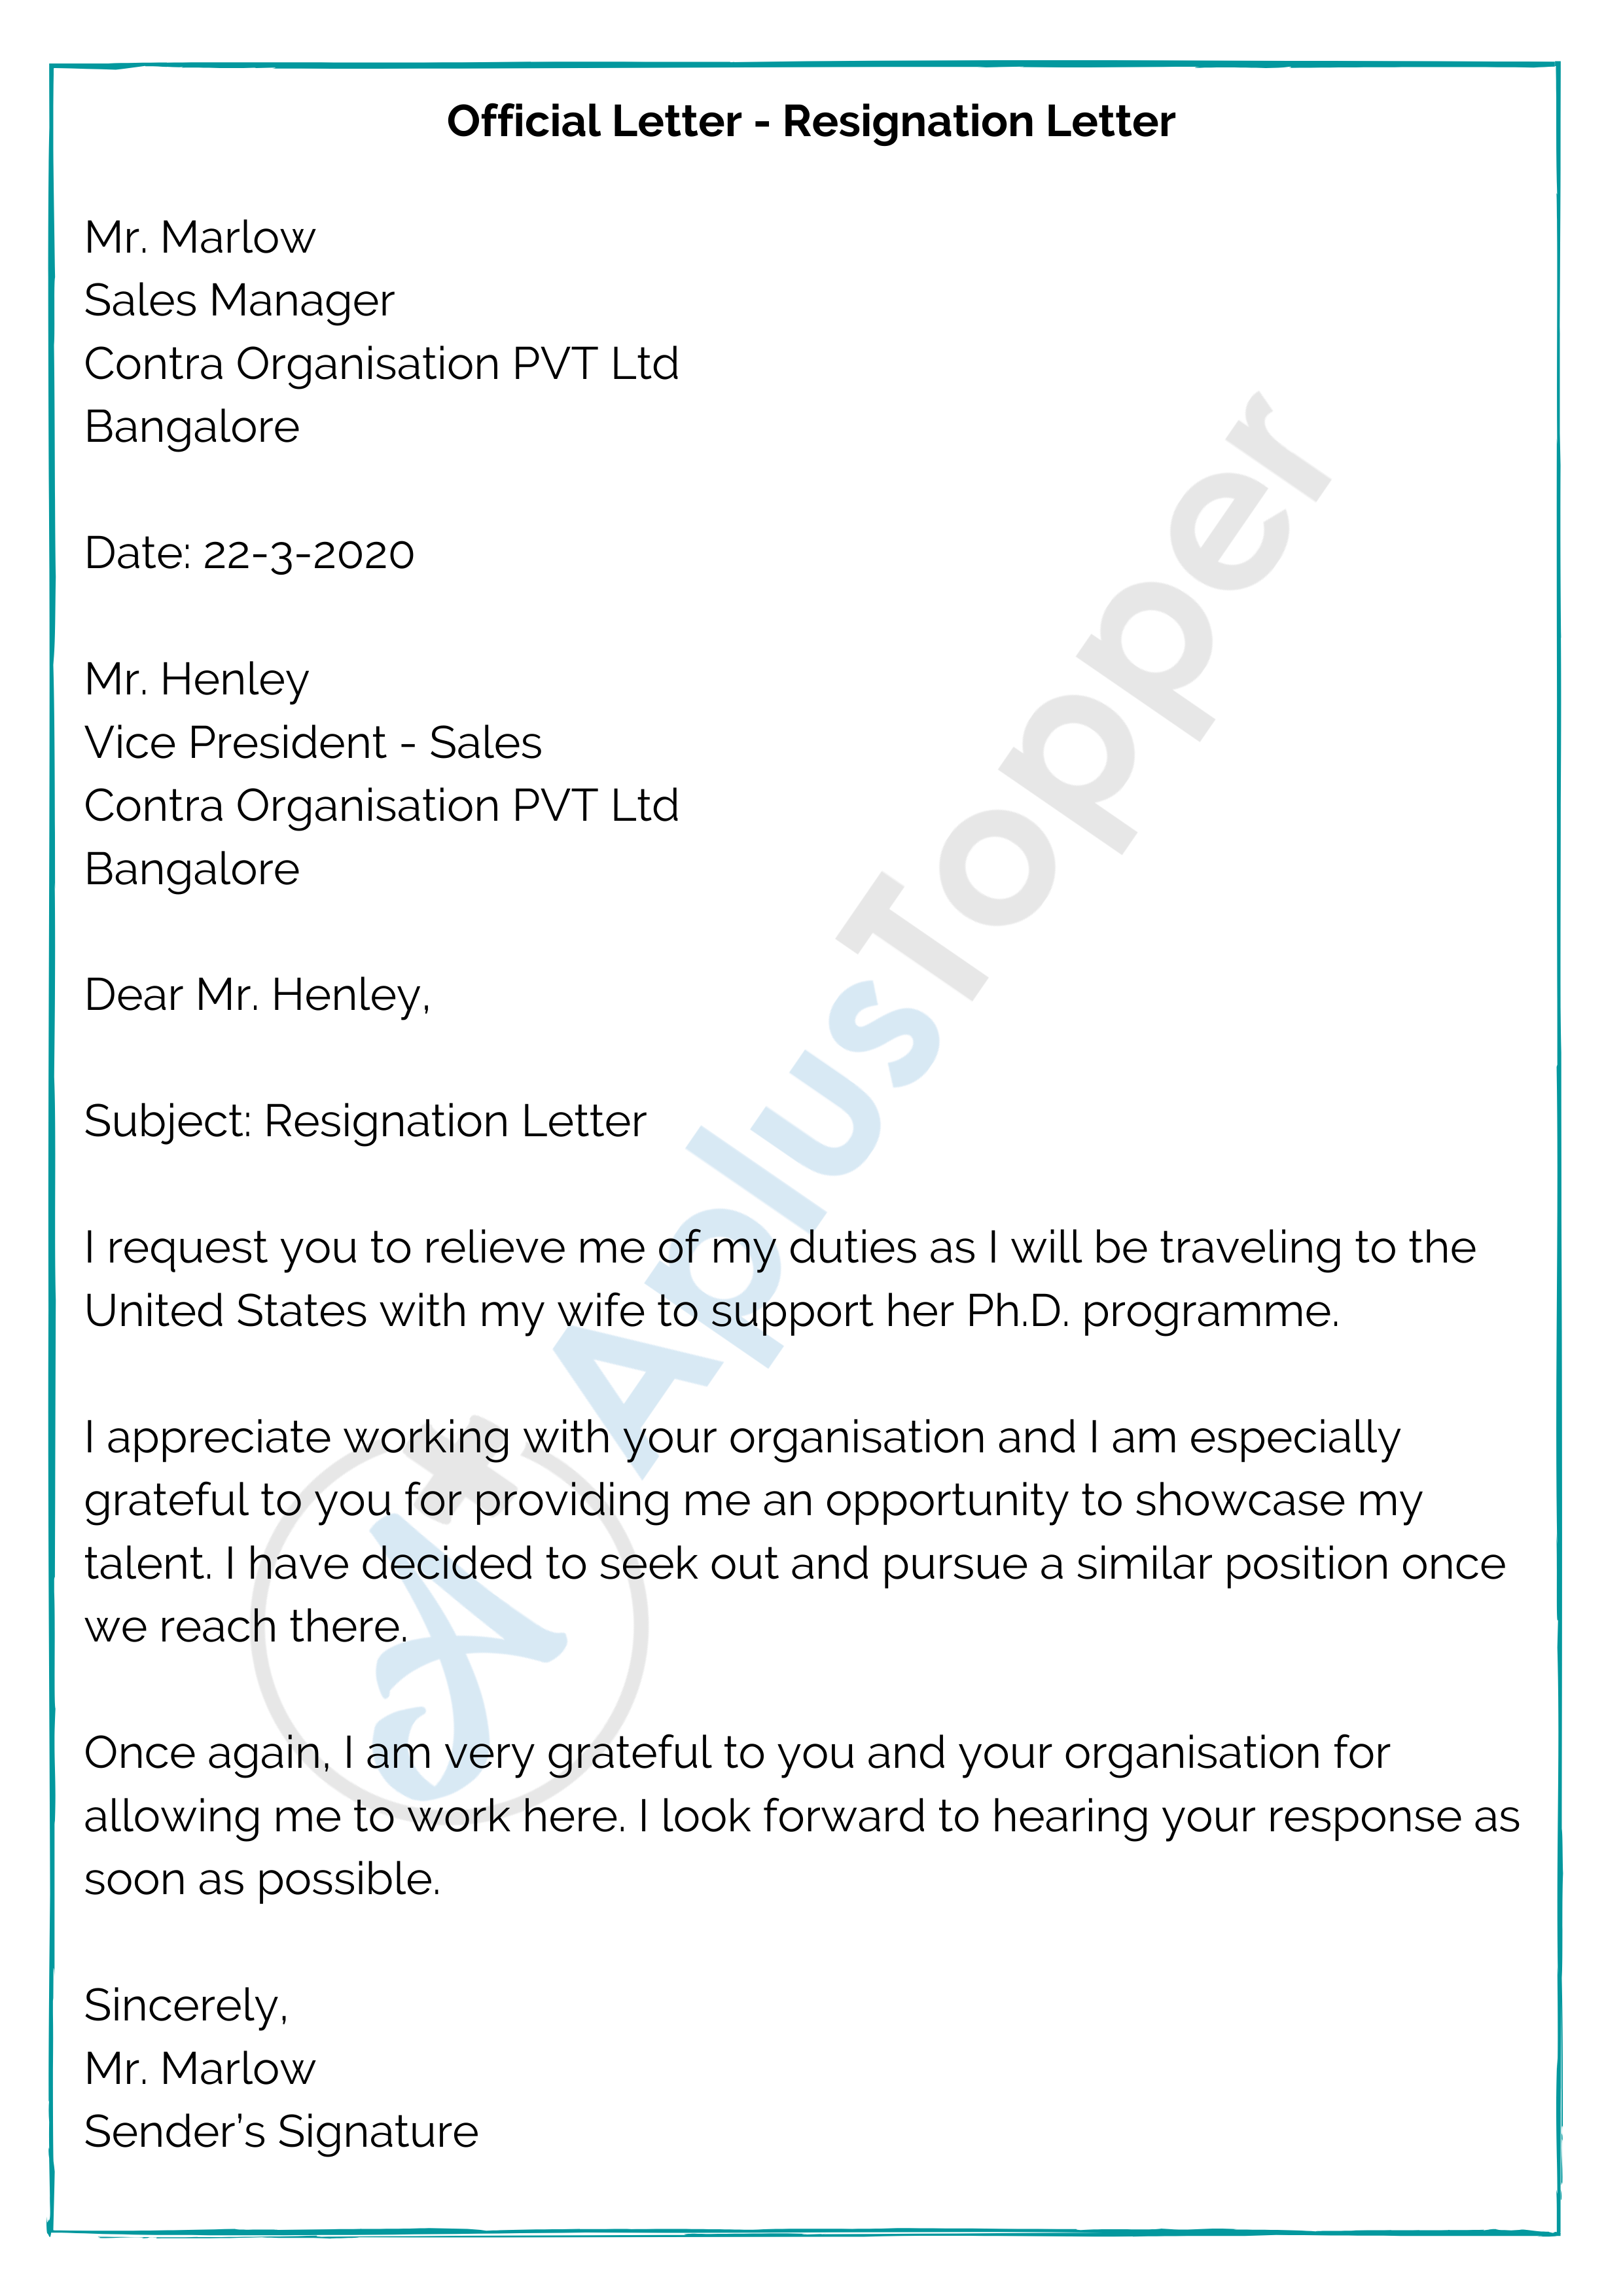 Official Letter - Resignation Letter